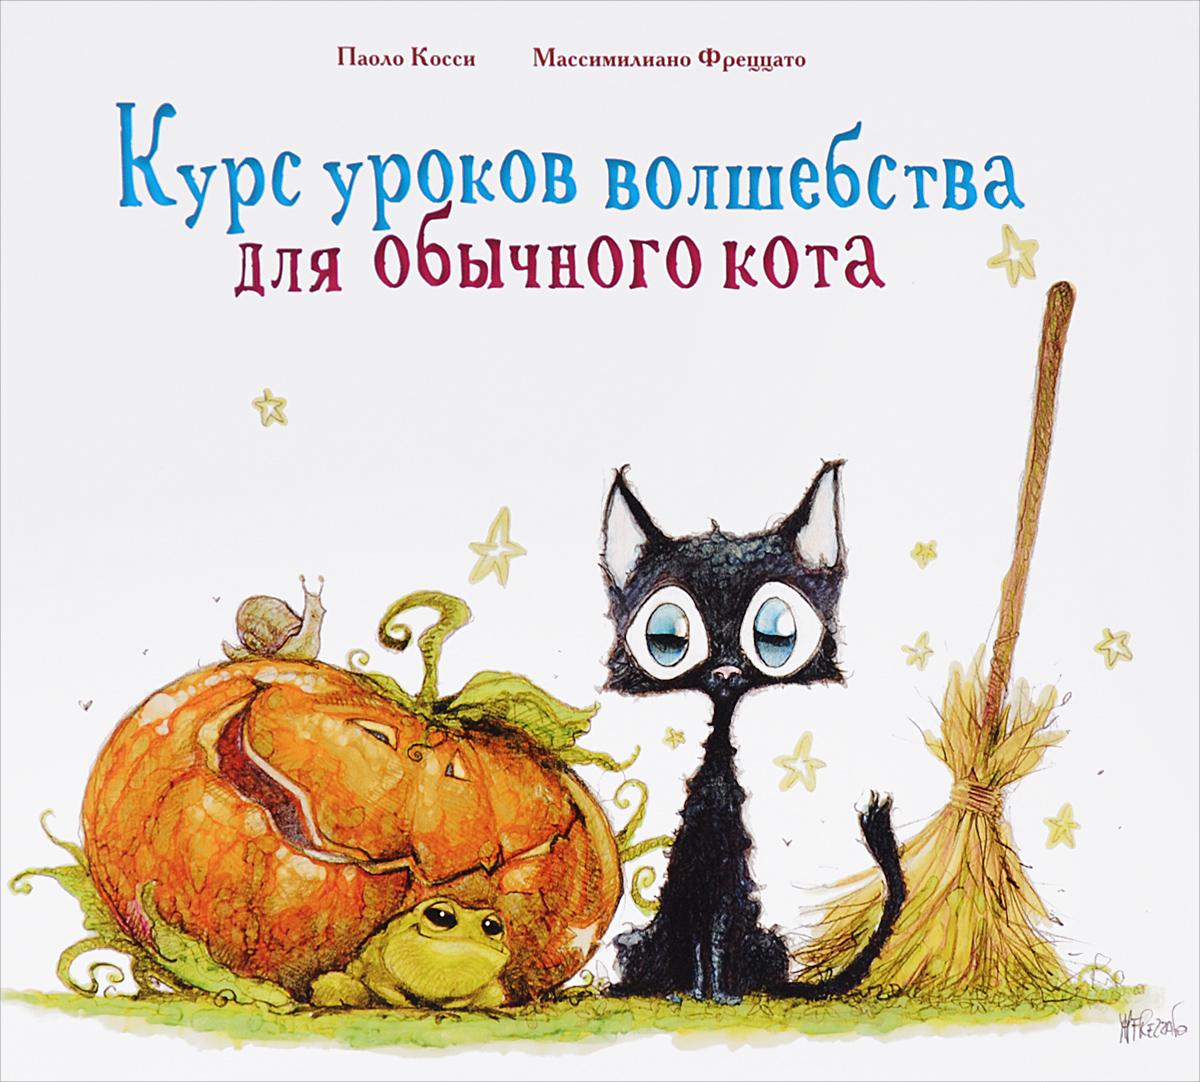 Курс уроков волшебства для обычного кота12296407Это история о доброй девочке-колдунье и её чёрном коте, который однажды влюбился. Да так сильно и безнадёжно, что решил, будто без магии не обойтись! Кот мечтает стать волшебником, изобрести эликсир любви и завоевать сердце прекрасной кошки. Он берёт уроки у колдуньи и учится быть волшебником, но всё же оказывается, что любовь и есть самая сильная магия...